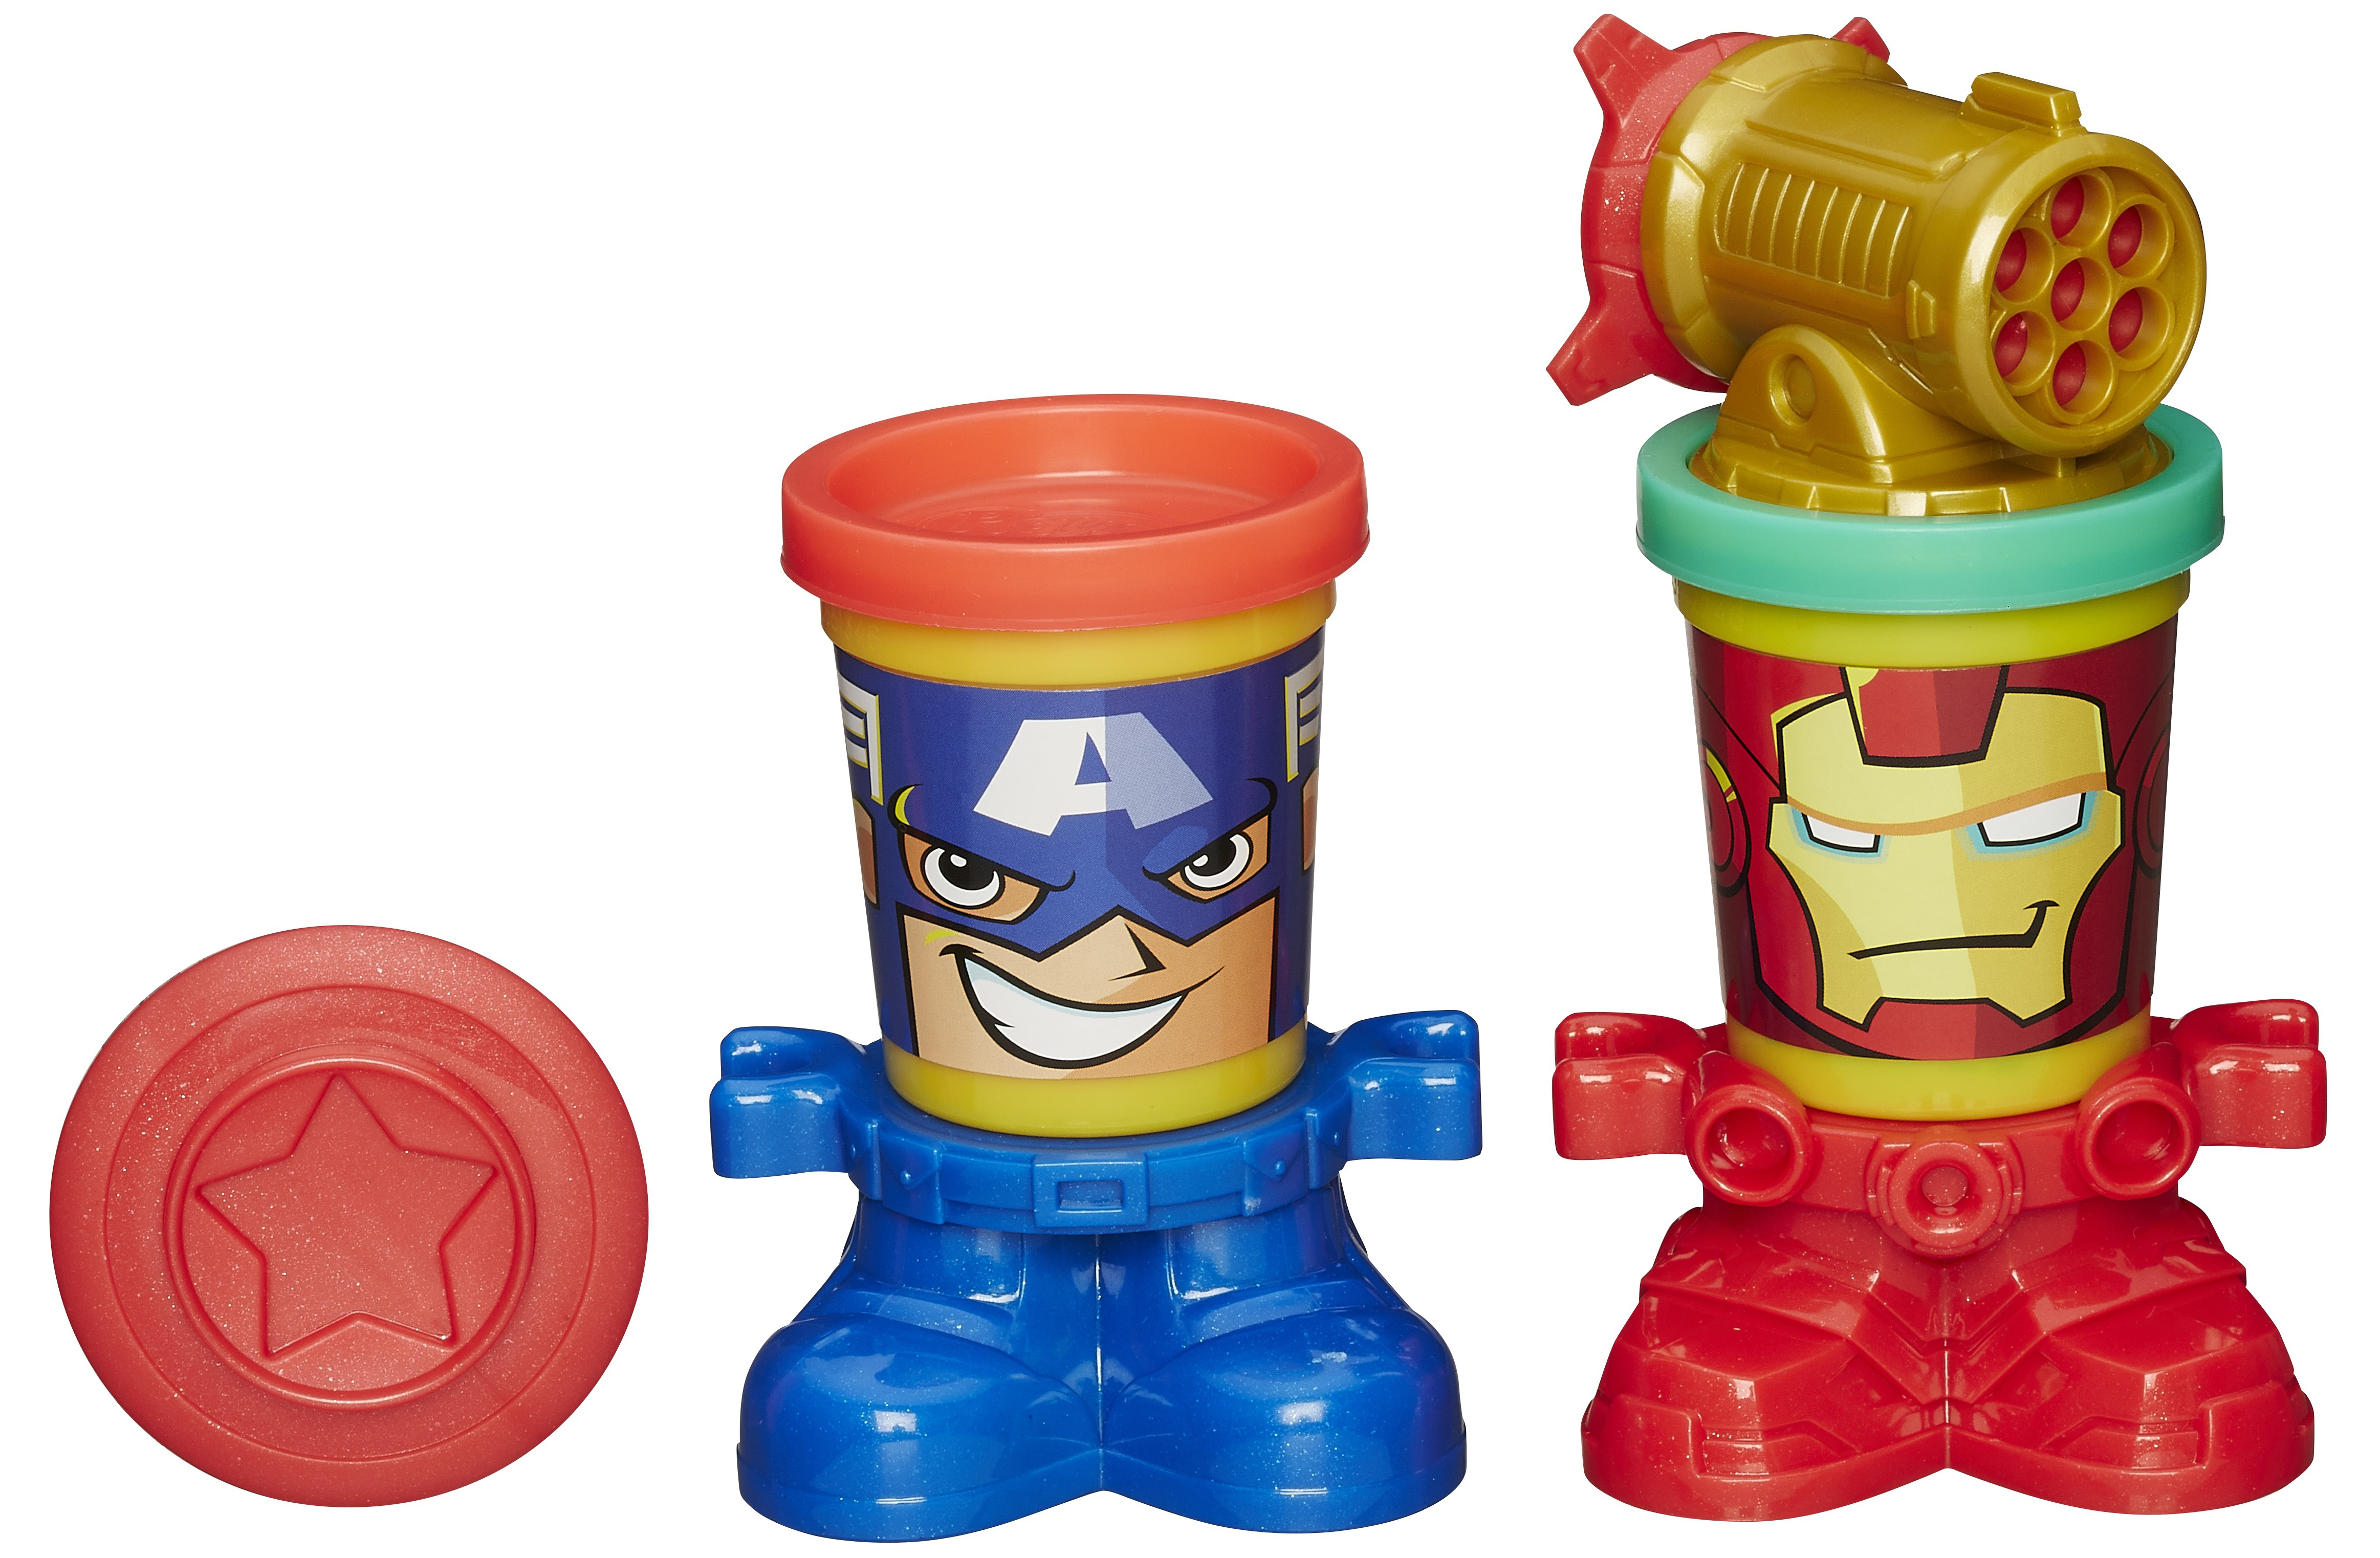 Play-Doh Play-Doh Игровой набор Play-Doh «Герои Марвелл» в асс. капитан америка удивительный человек паук 2 железный человек перчатки мультфильм детей игрушки передатчик